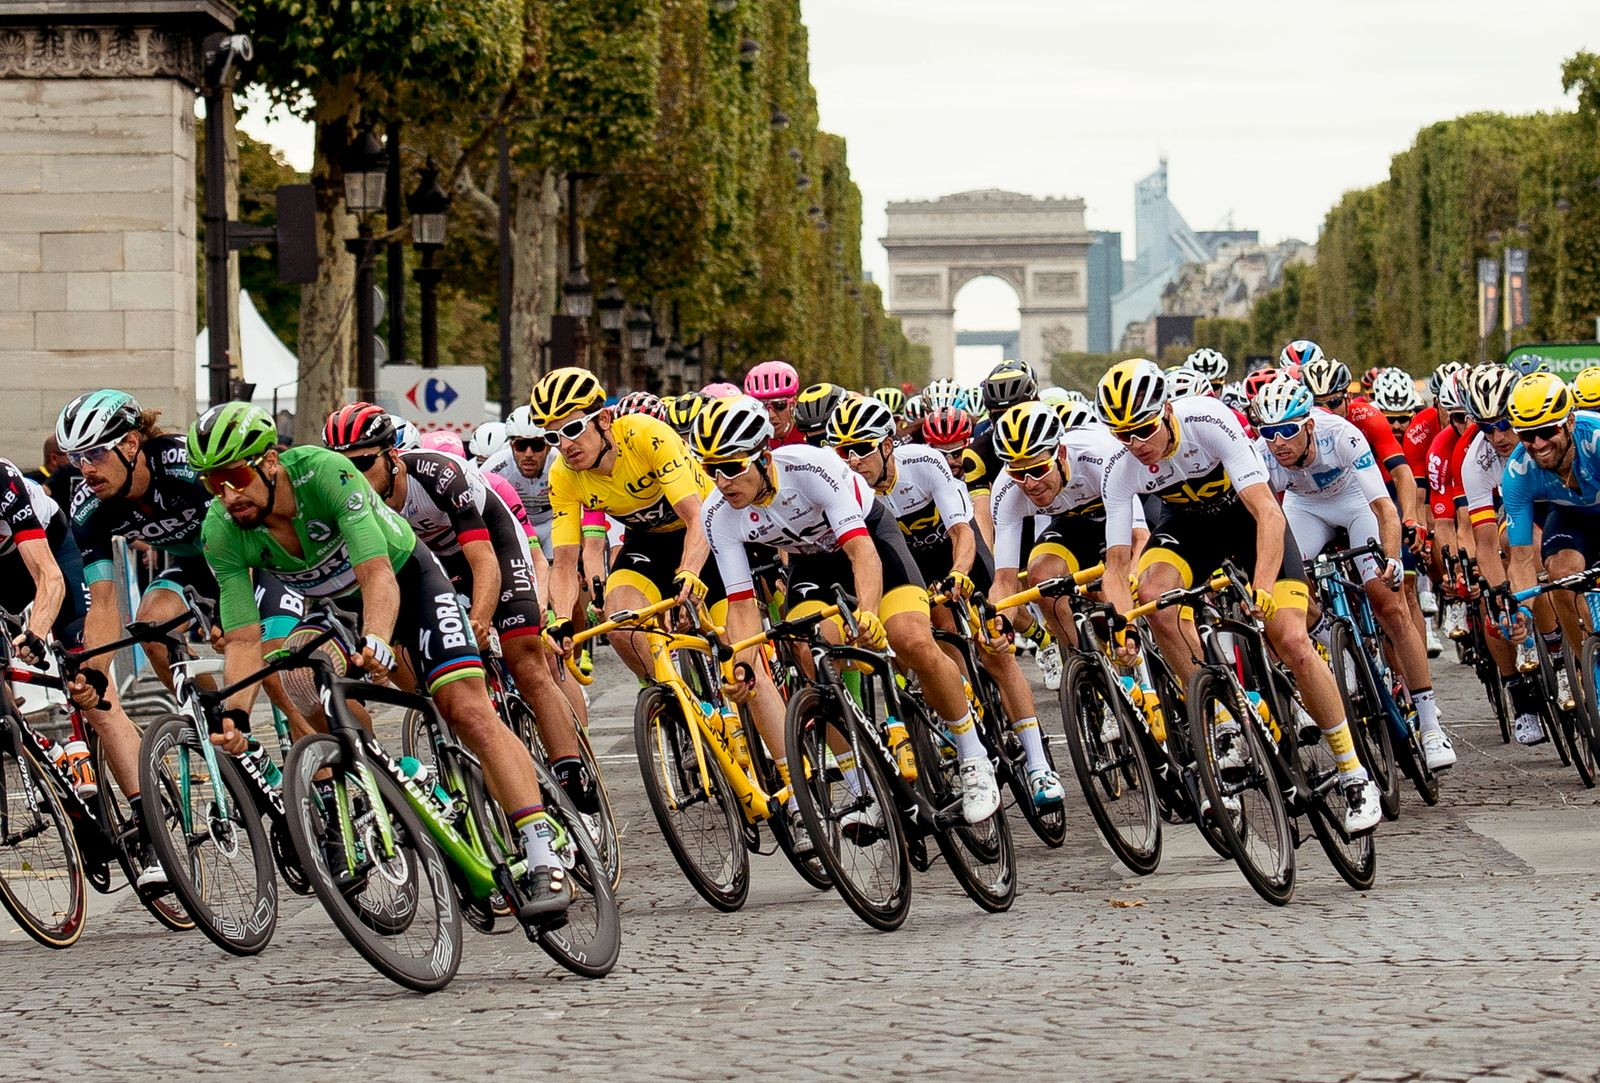 Tour de France 2018 - Stage 21 - Houilles to Paris Champs Elysees